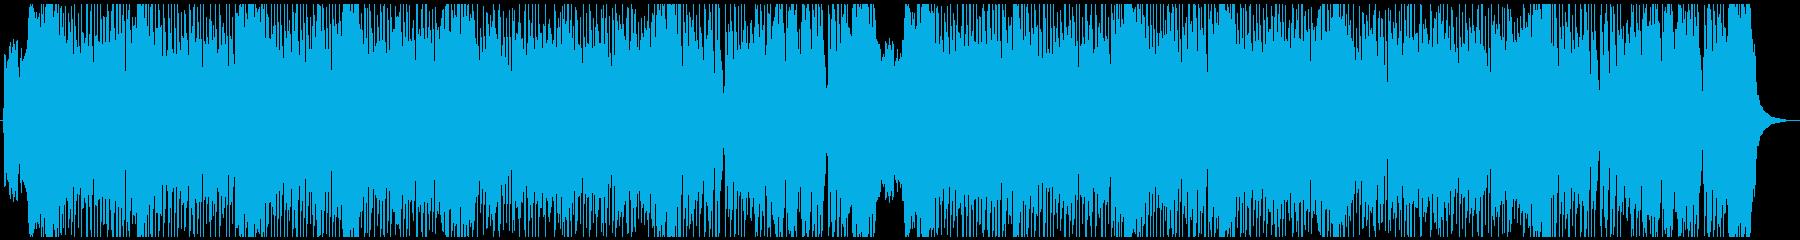 アップテンポな和風曲の再生済みの波形